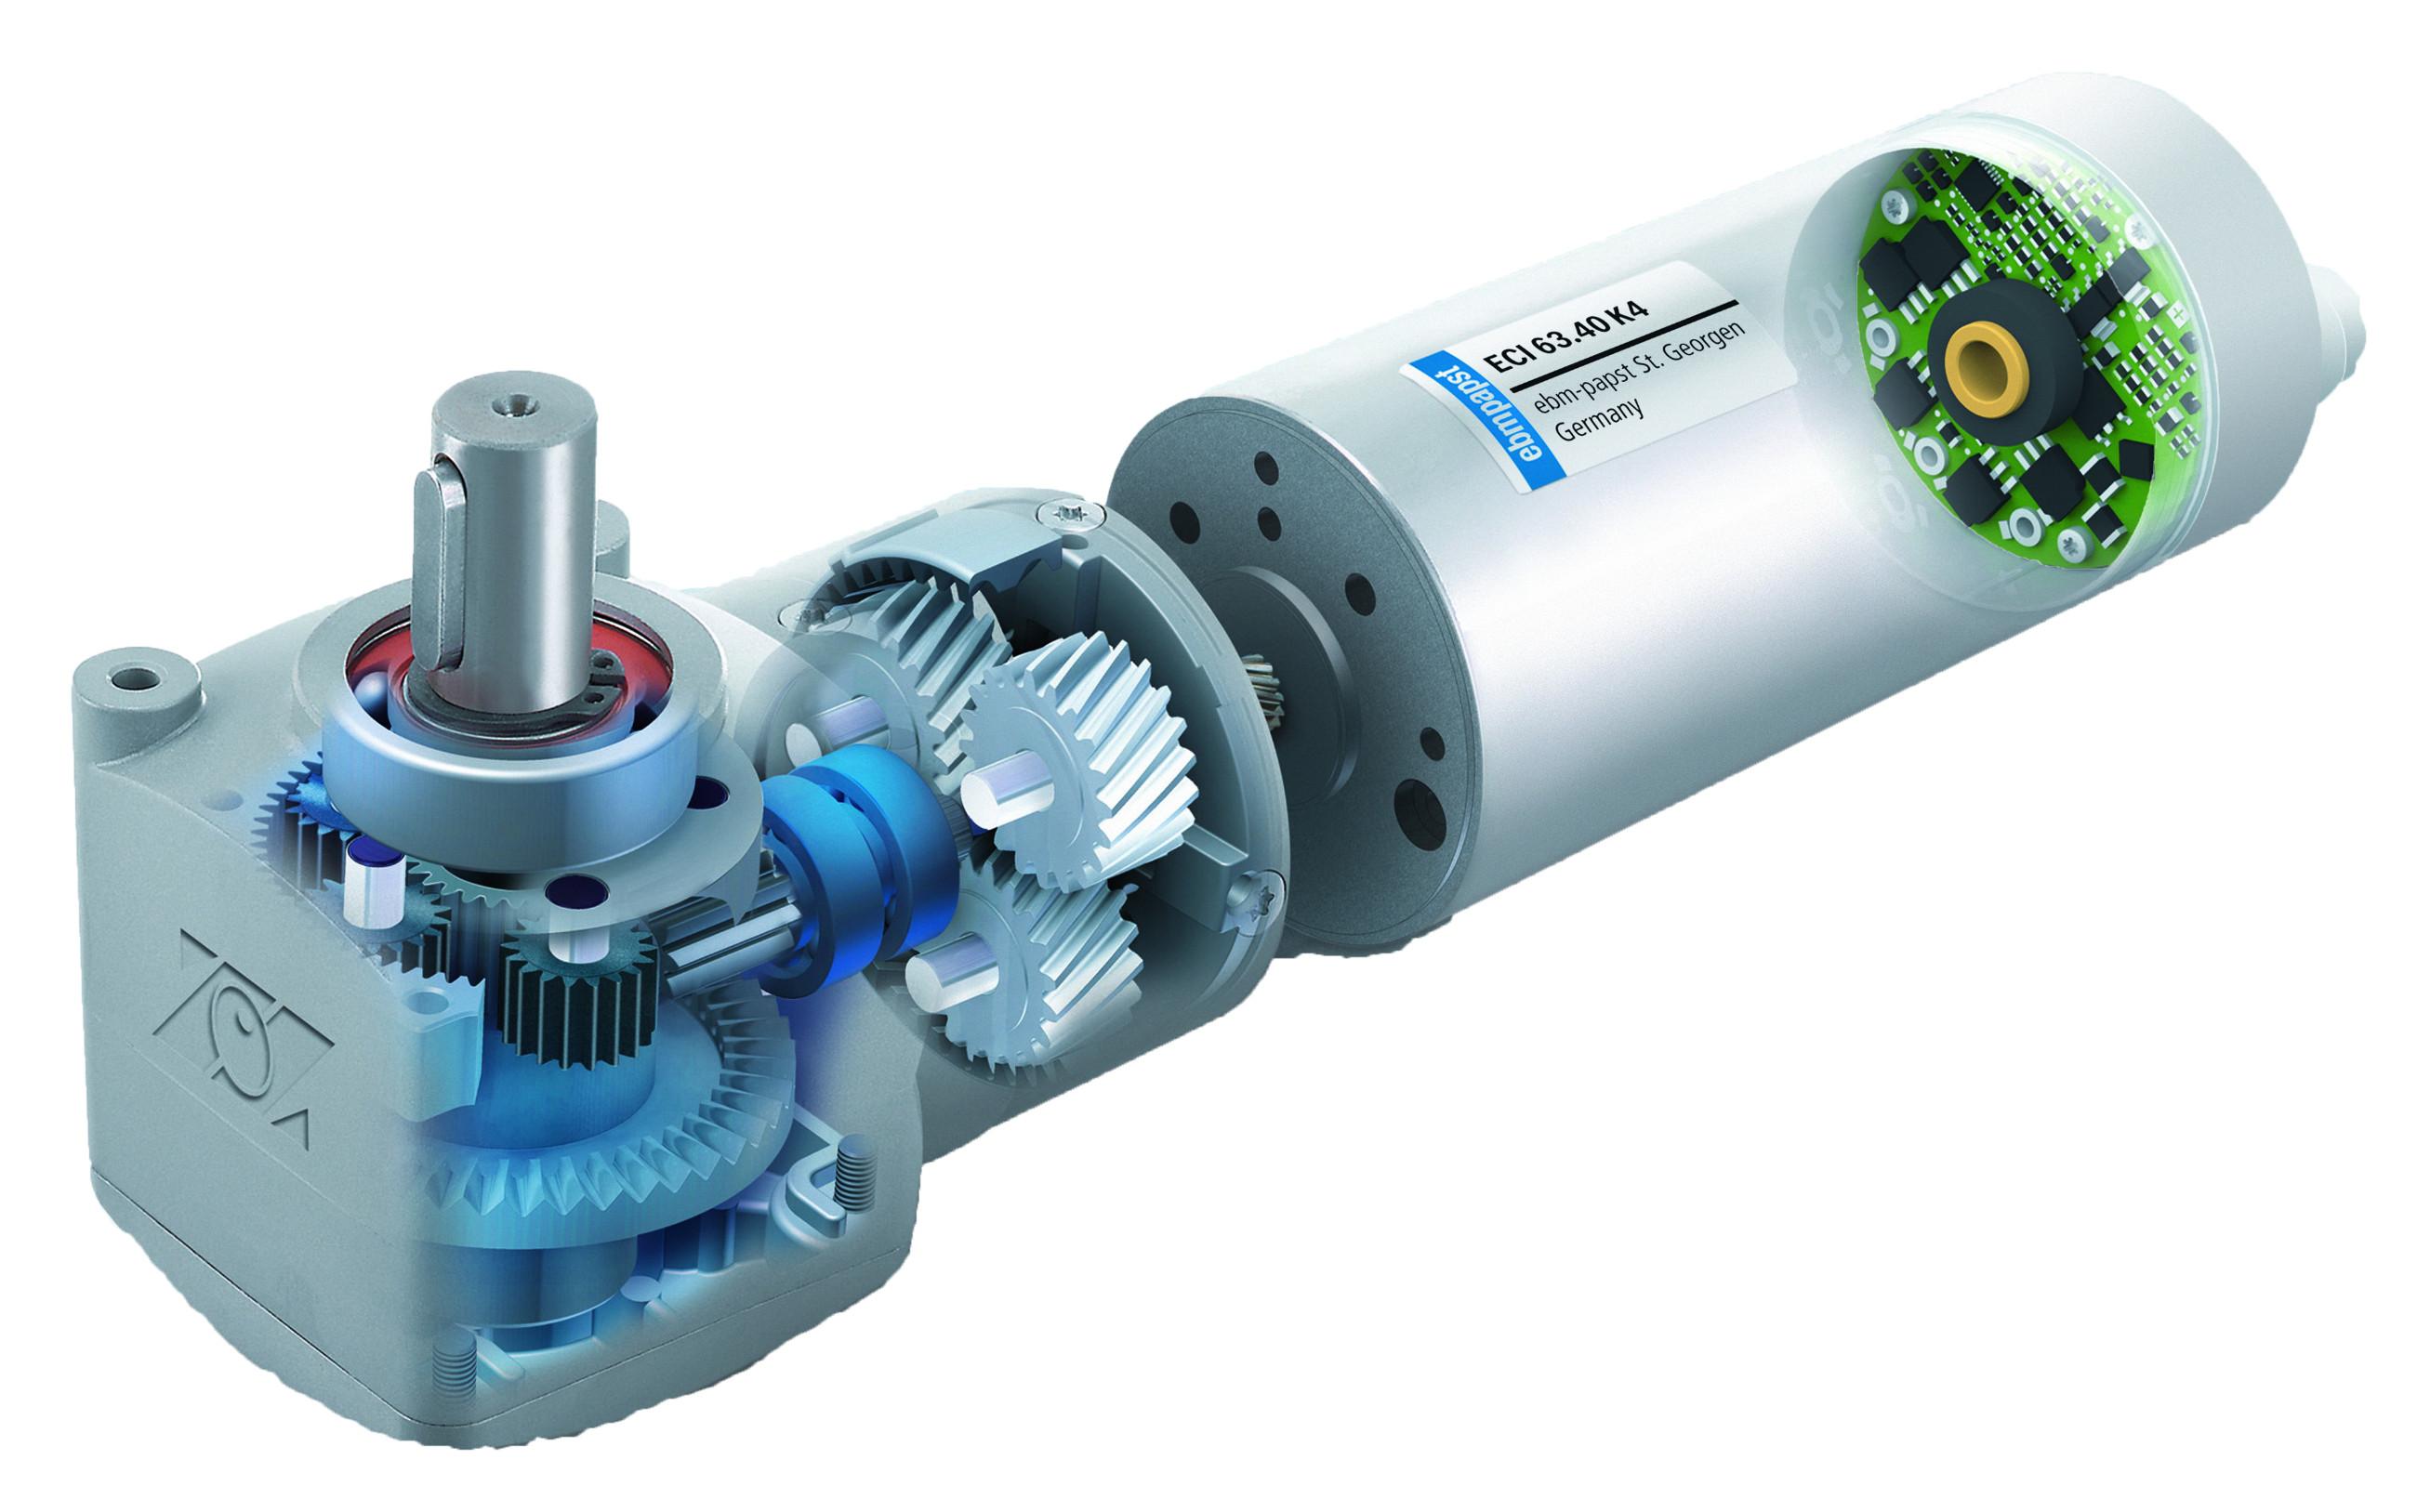 Schnittbild des Antriebs mit K4 Elektronikmodul und Winkelgetriebes EtaCrown® Bild: ebm-papst